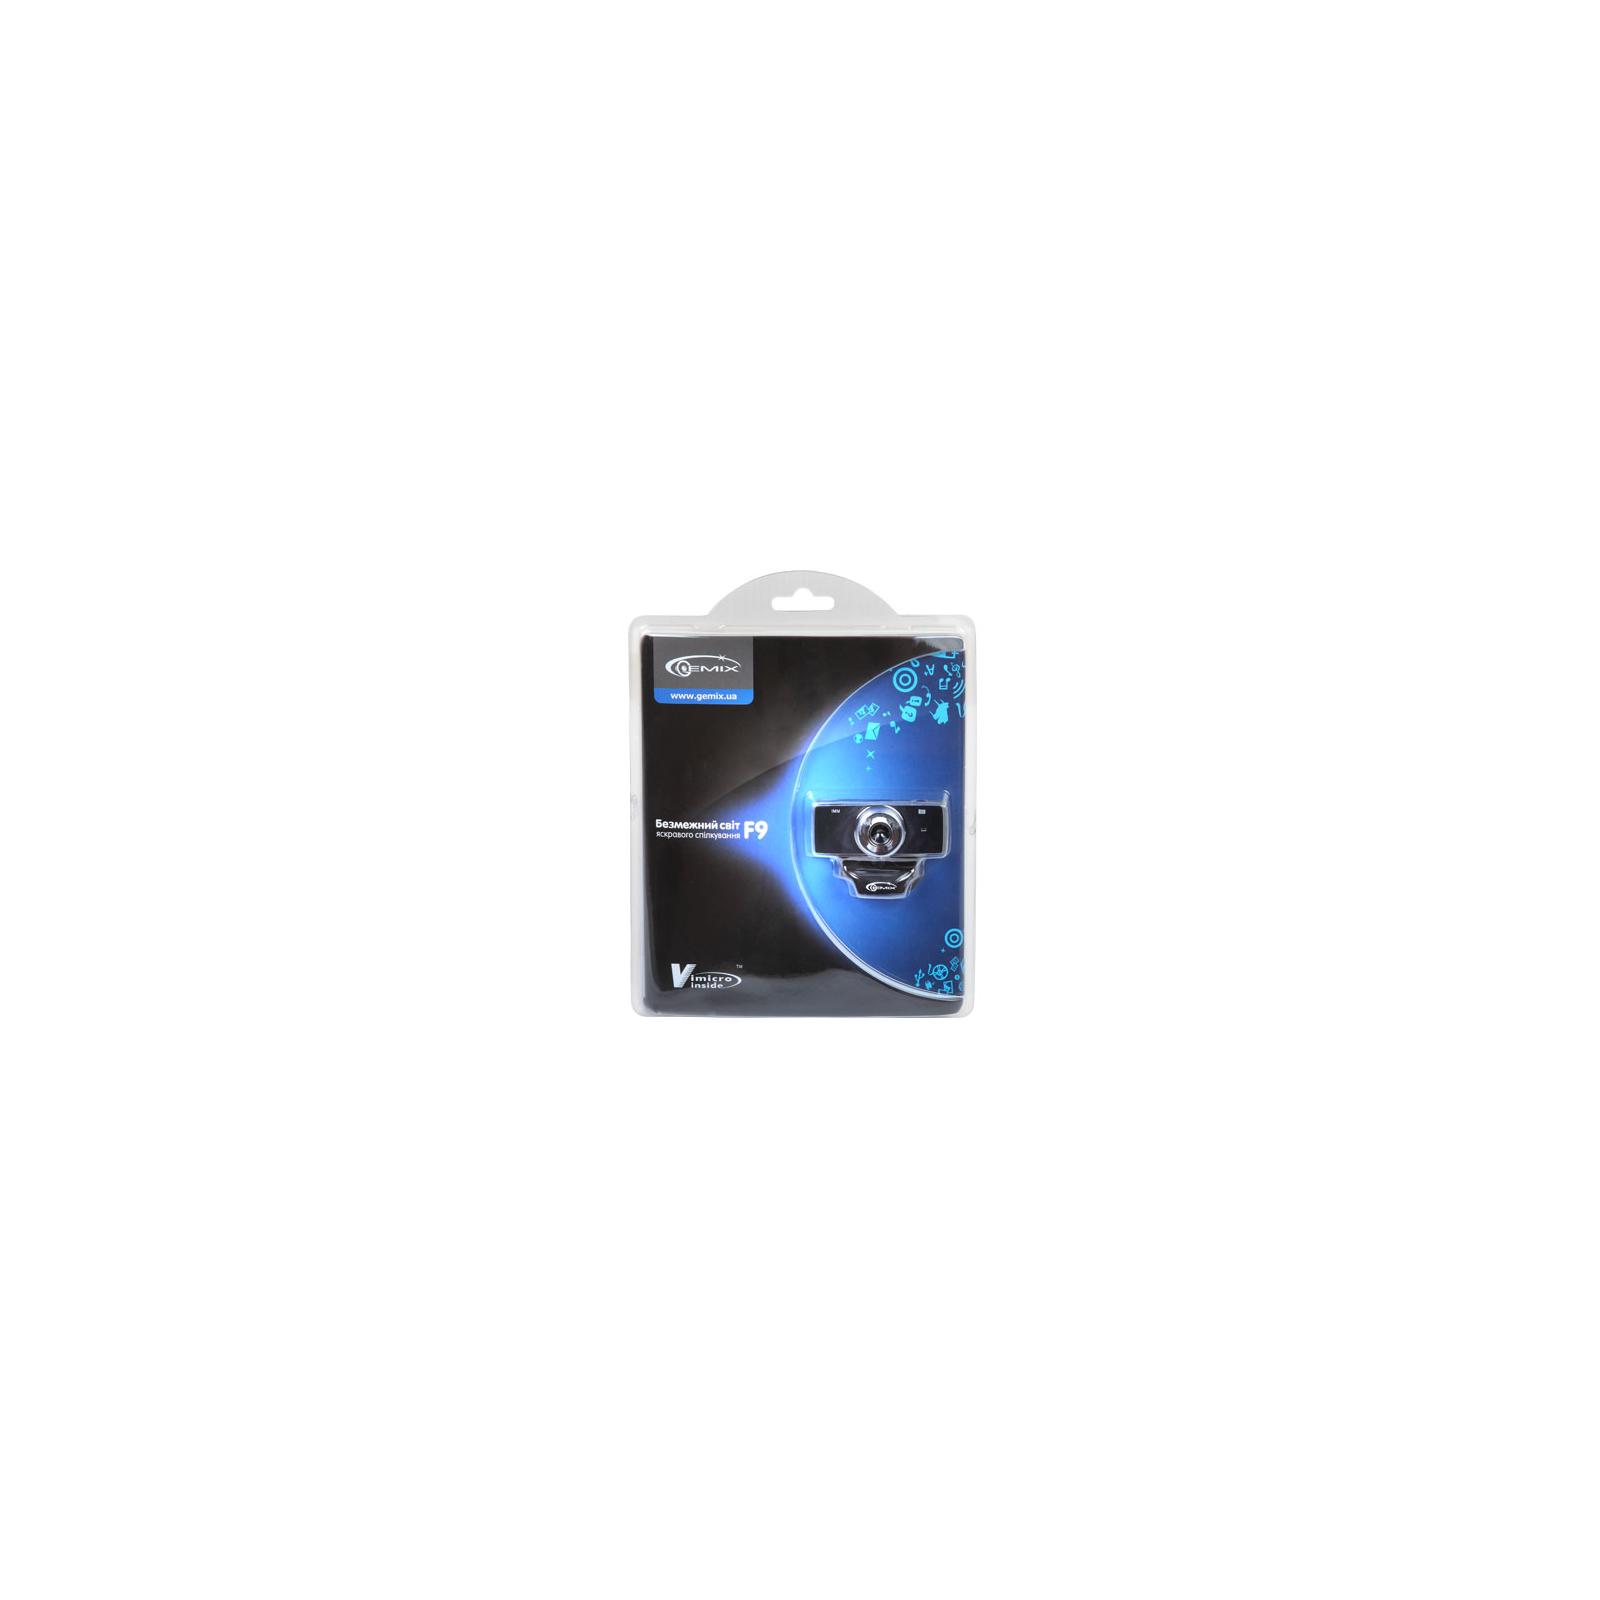 Веб-камера Gemix F9 blue изображение 3